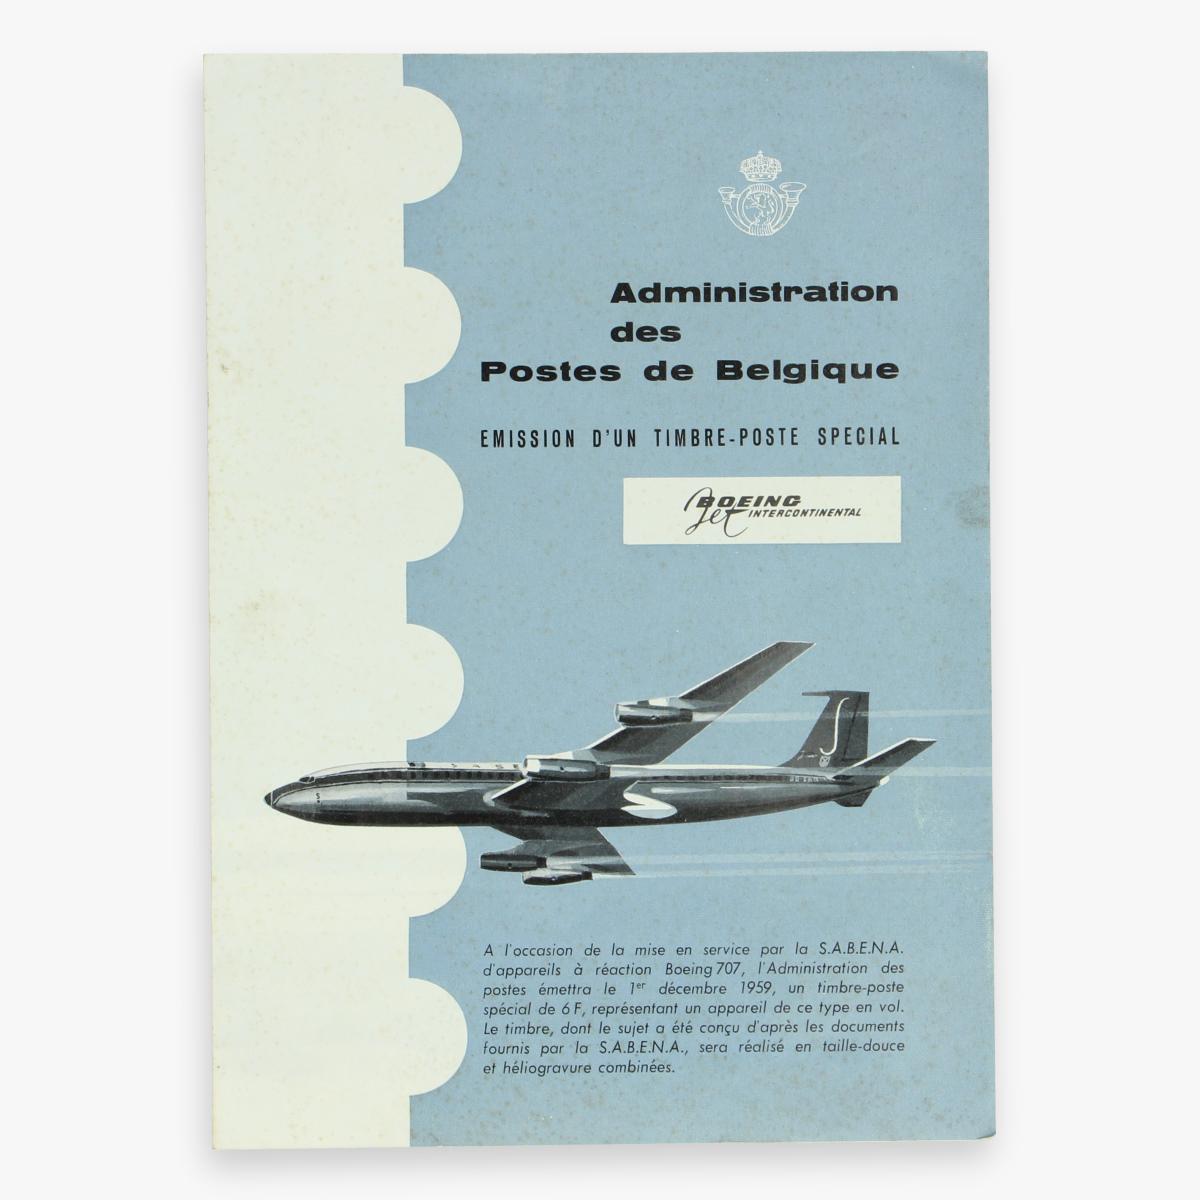 Afbeeldingen van fleyer sabena - boeing intercontinental - administration des postes de belgique